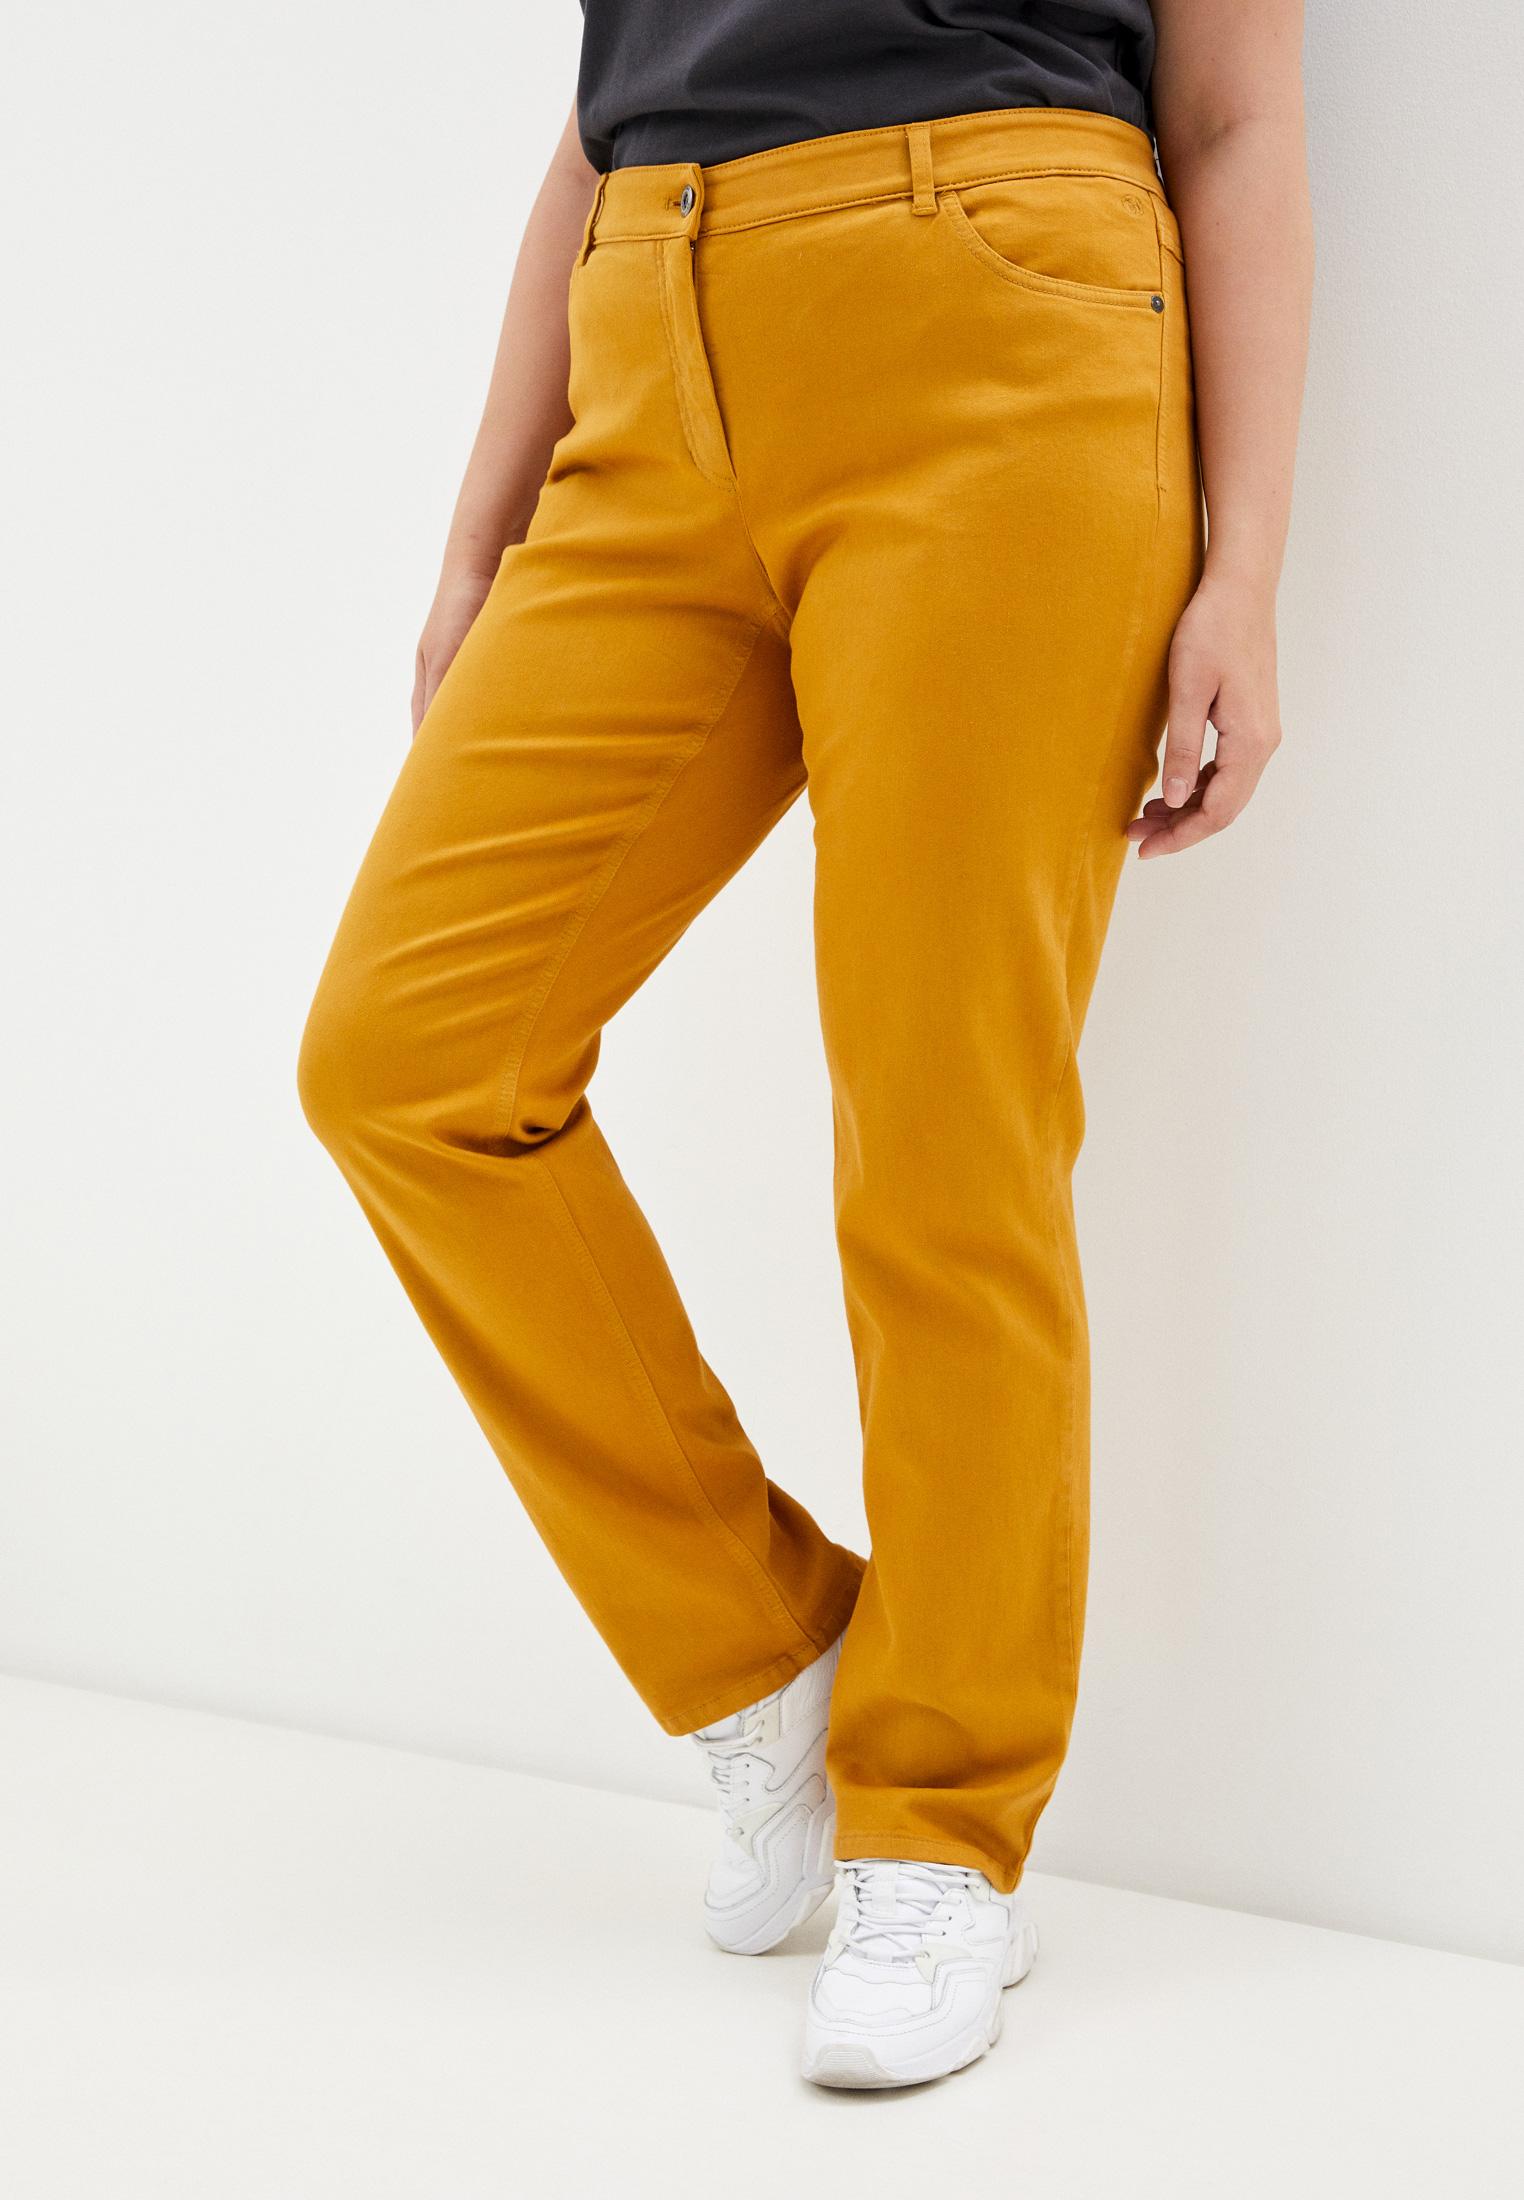 Женские прямые брюки Gerry Weber (Гарри Вебер) 92307-67941